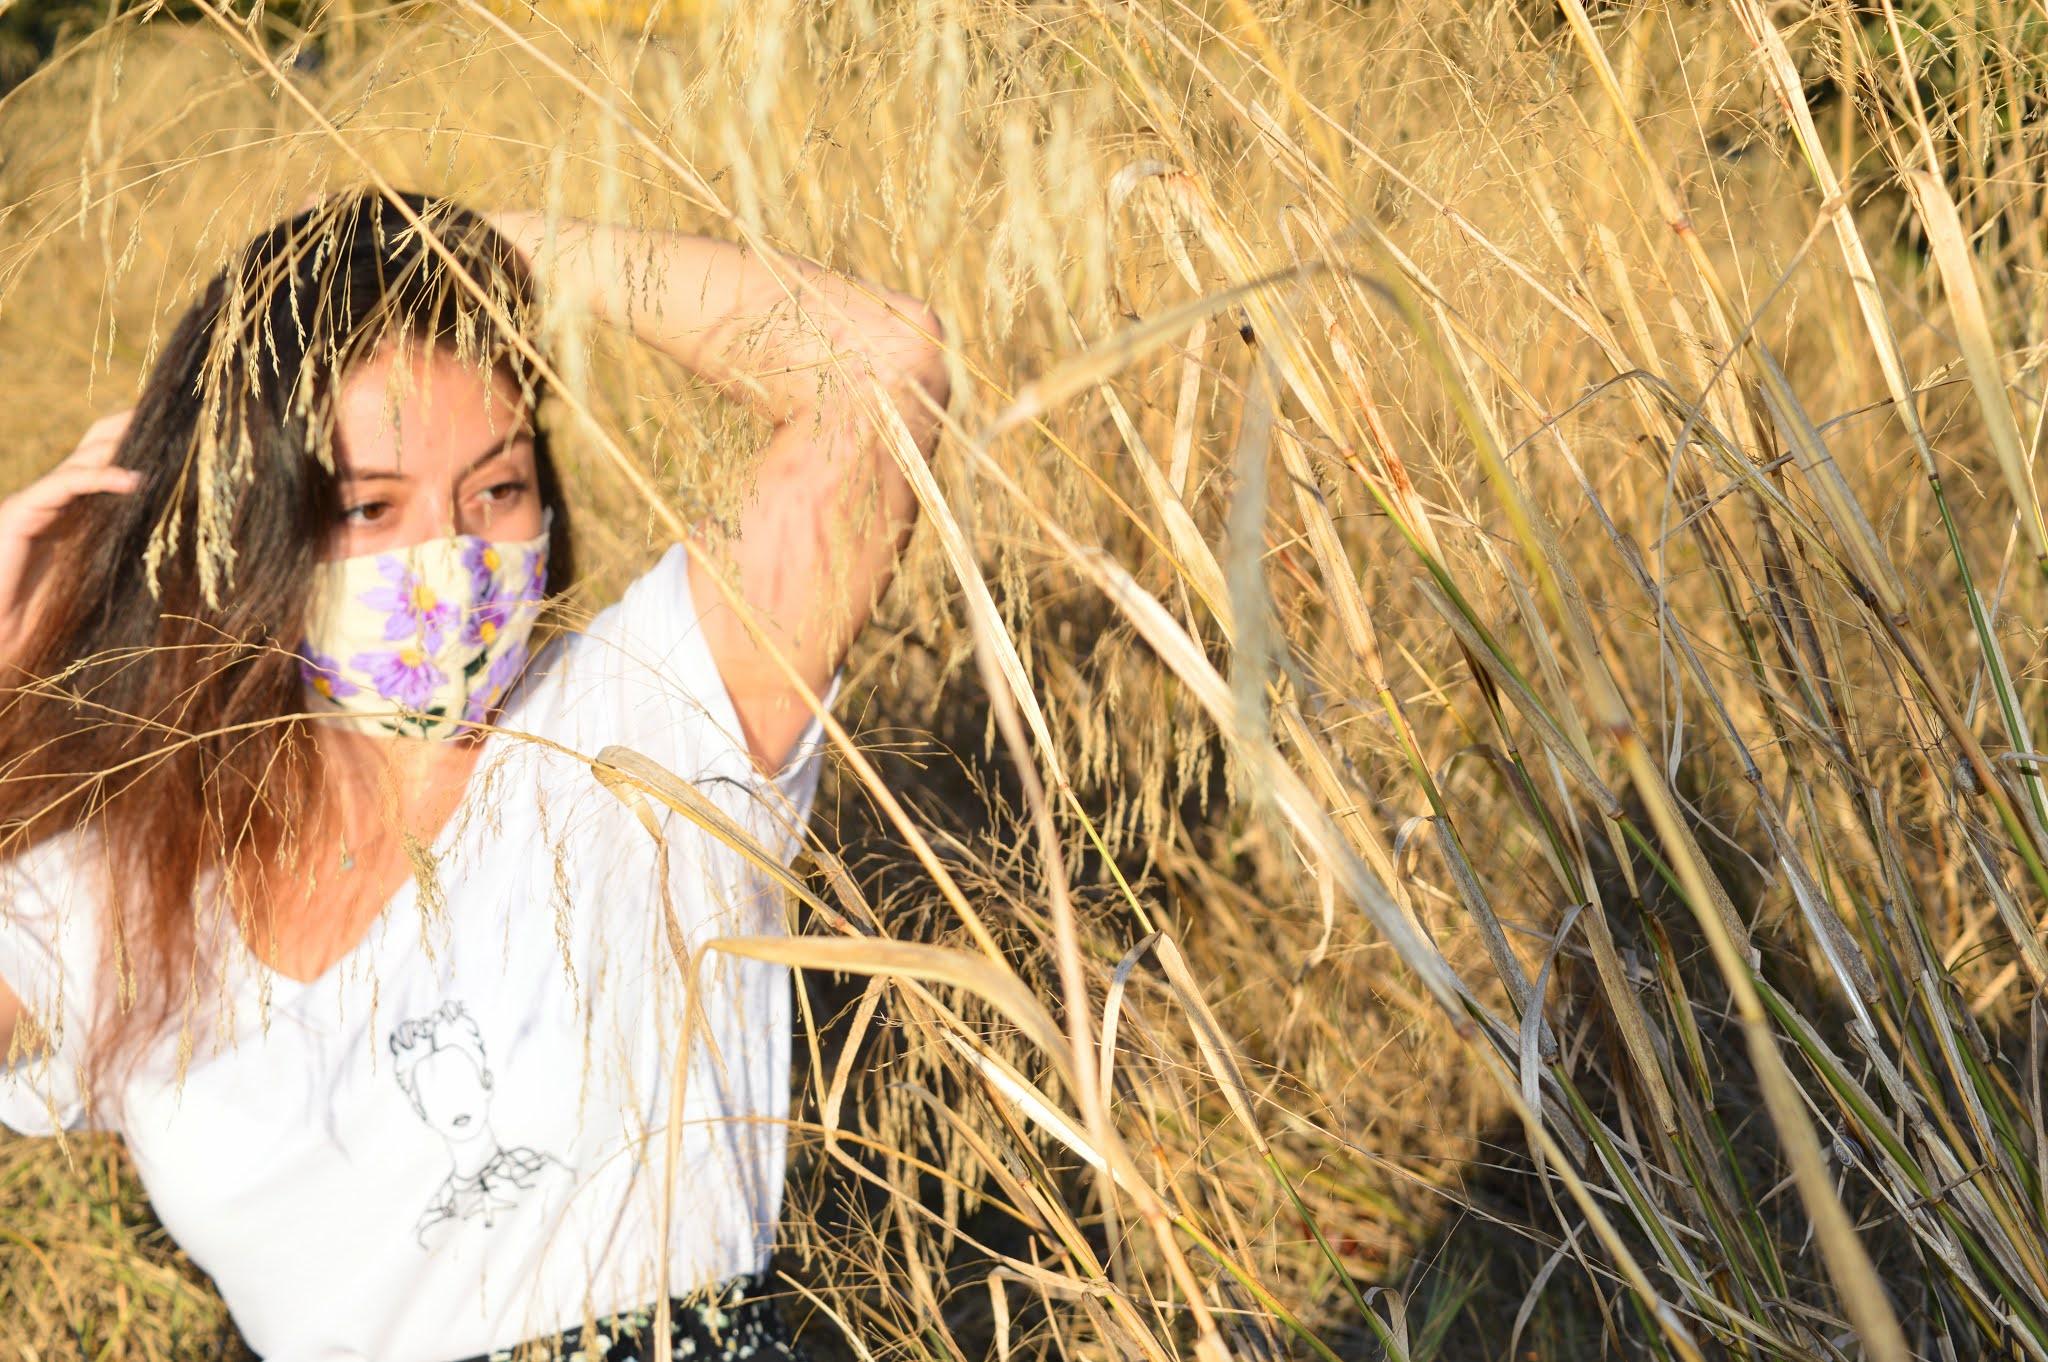 Champs de blés - Leonor Roversi